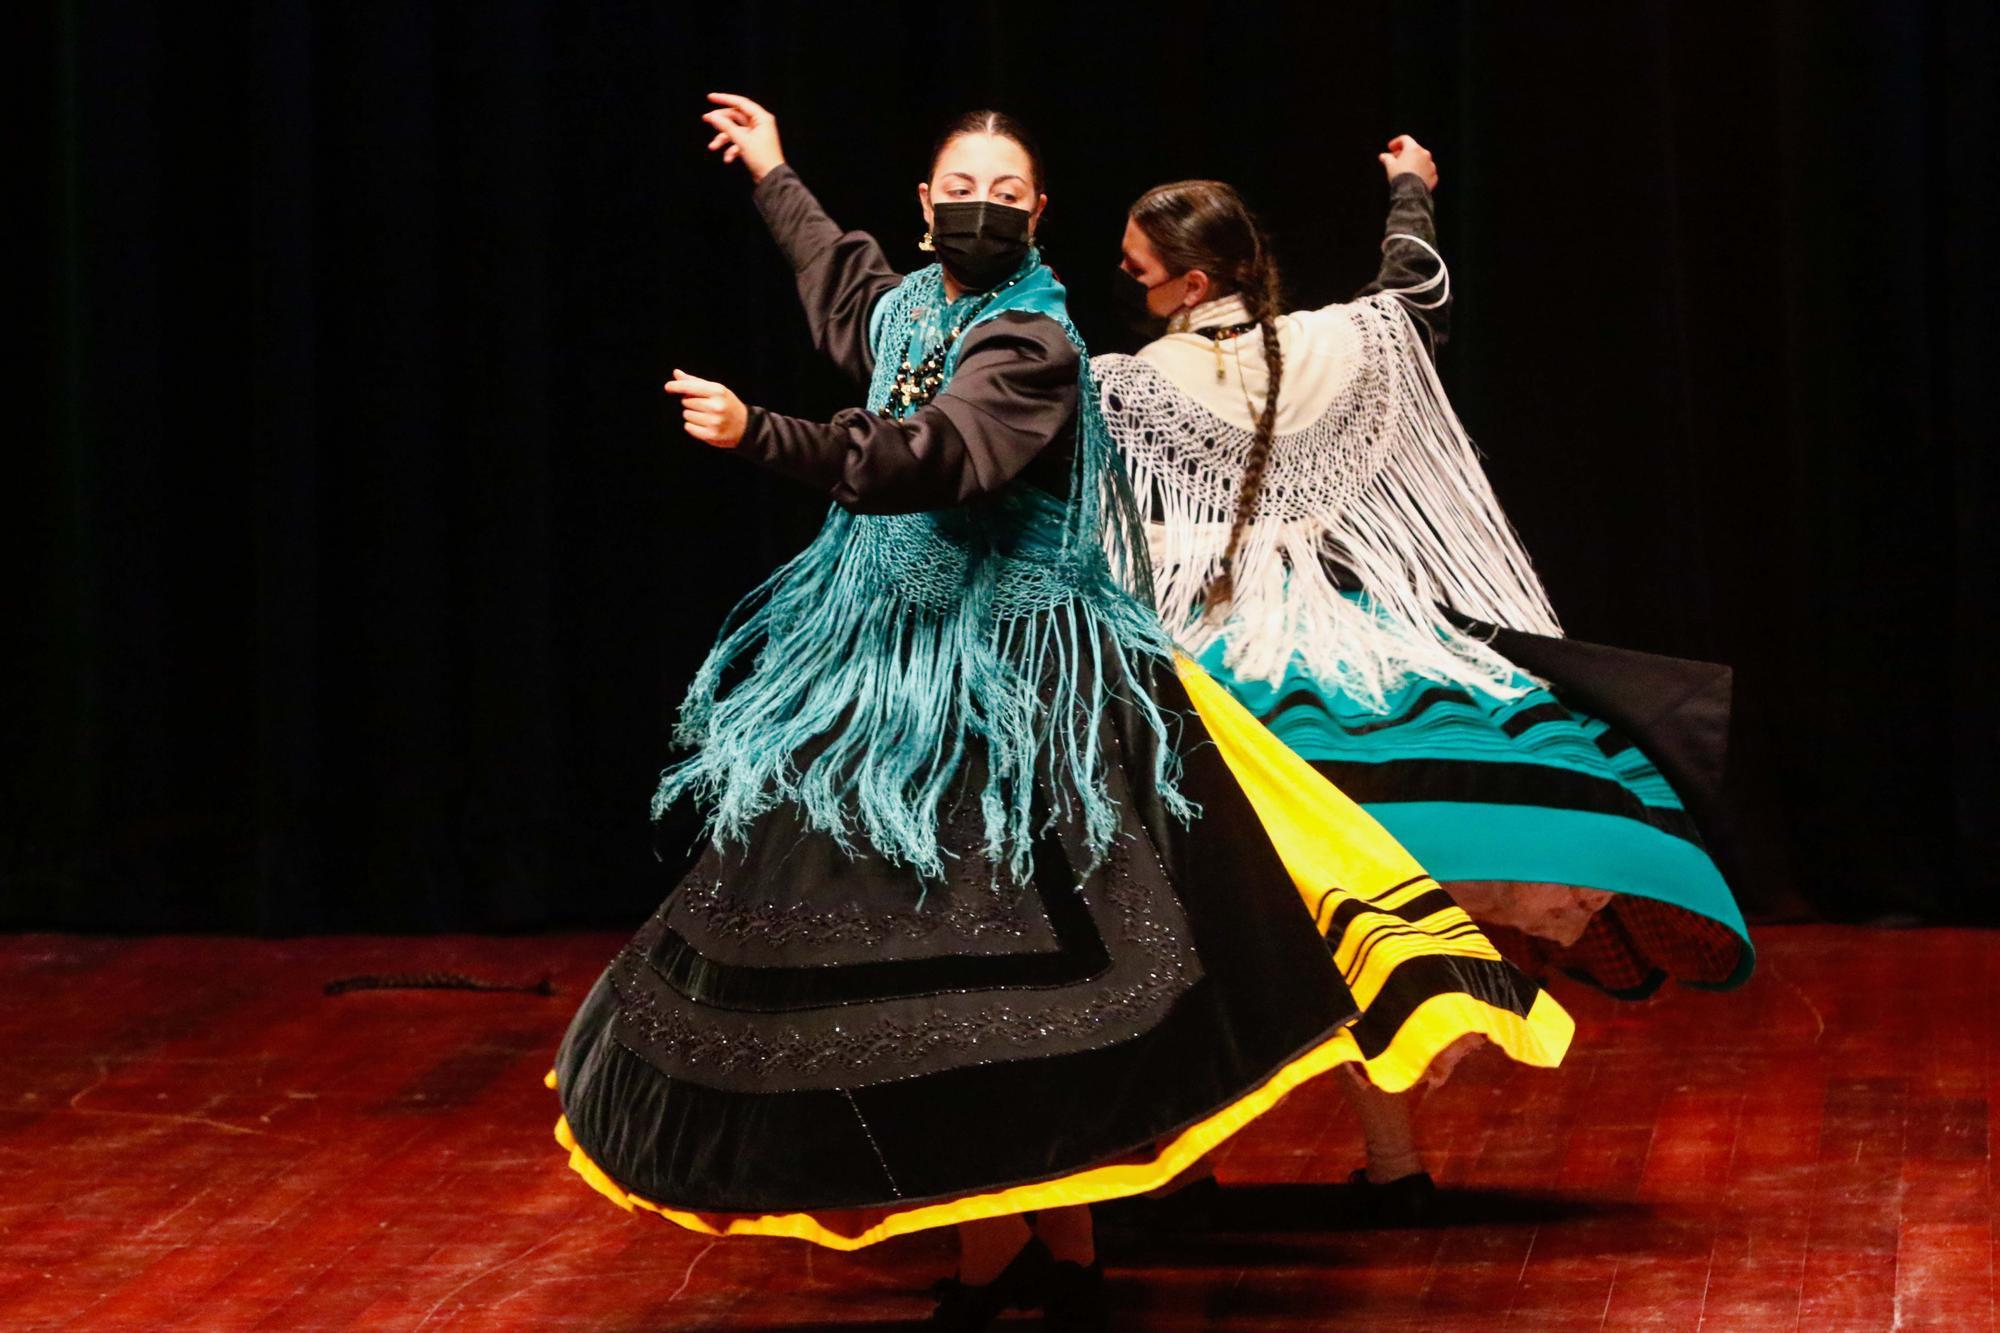 Vilagarcía despide con música y baile las fiestas de Santa Rita